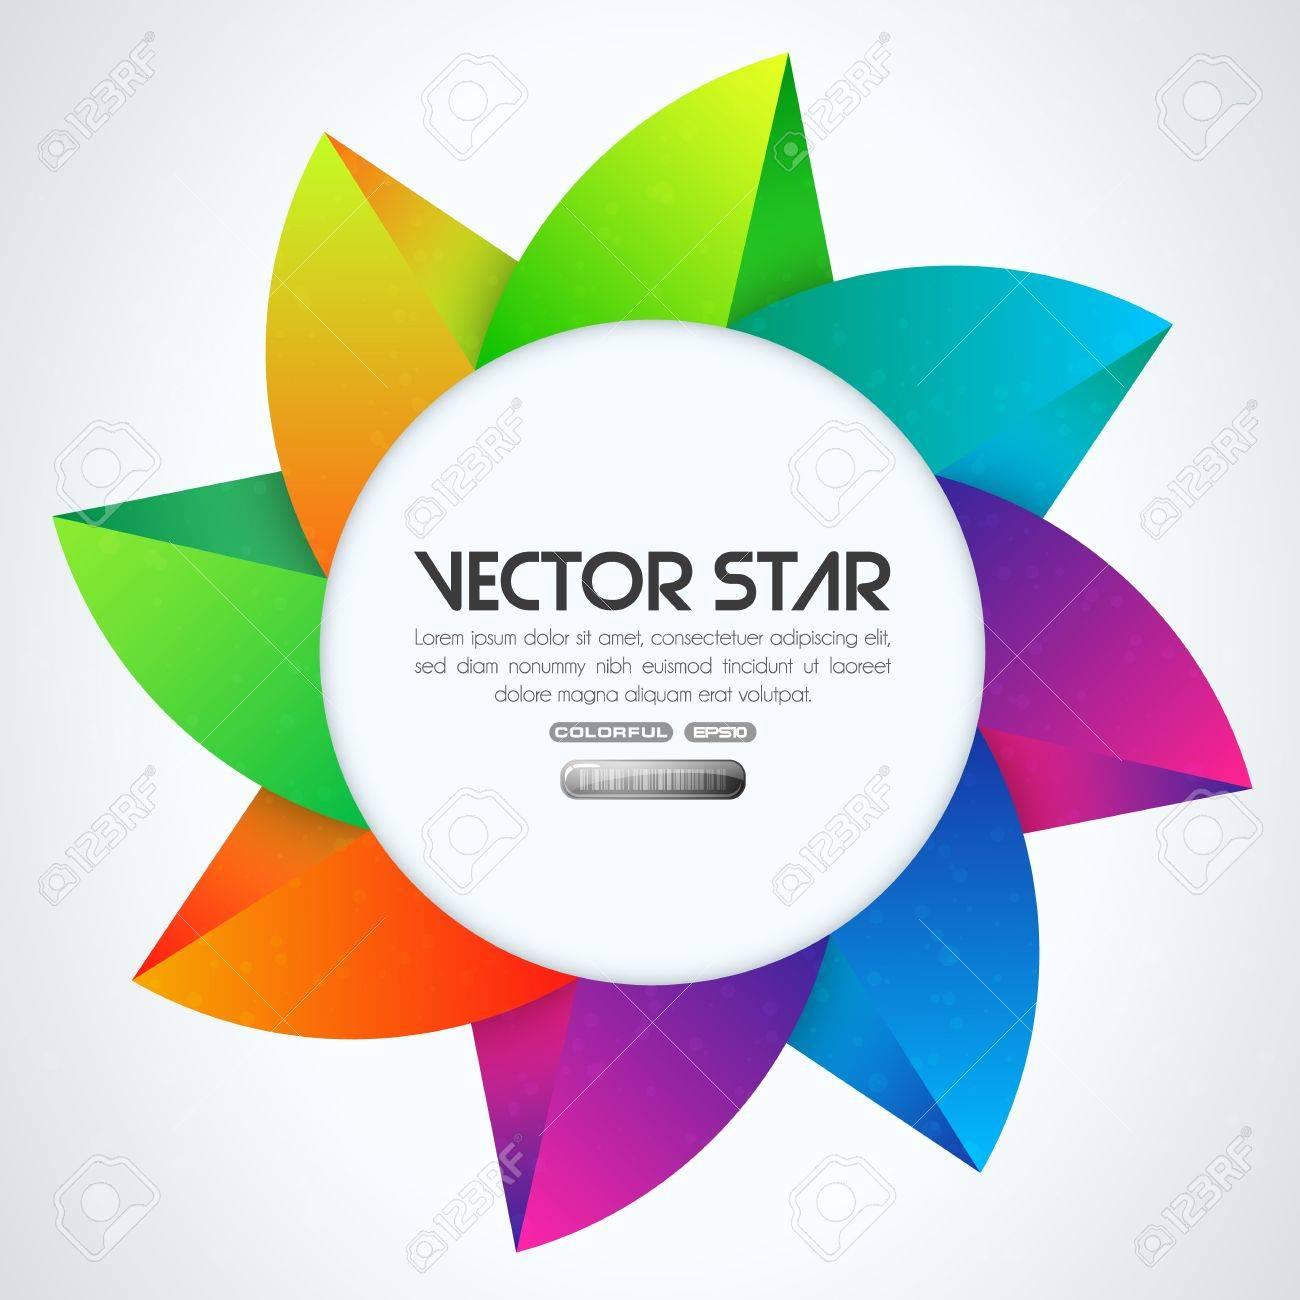 vector star eps illustrator format royalty cliparts vector vector star eps 10 illustrator format